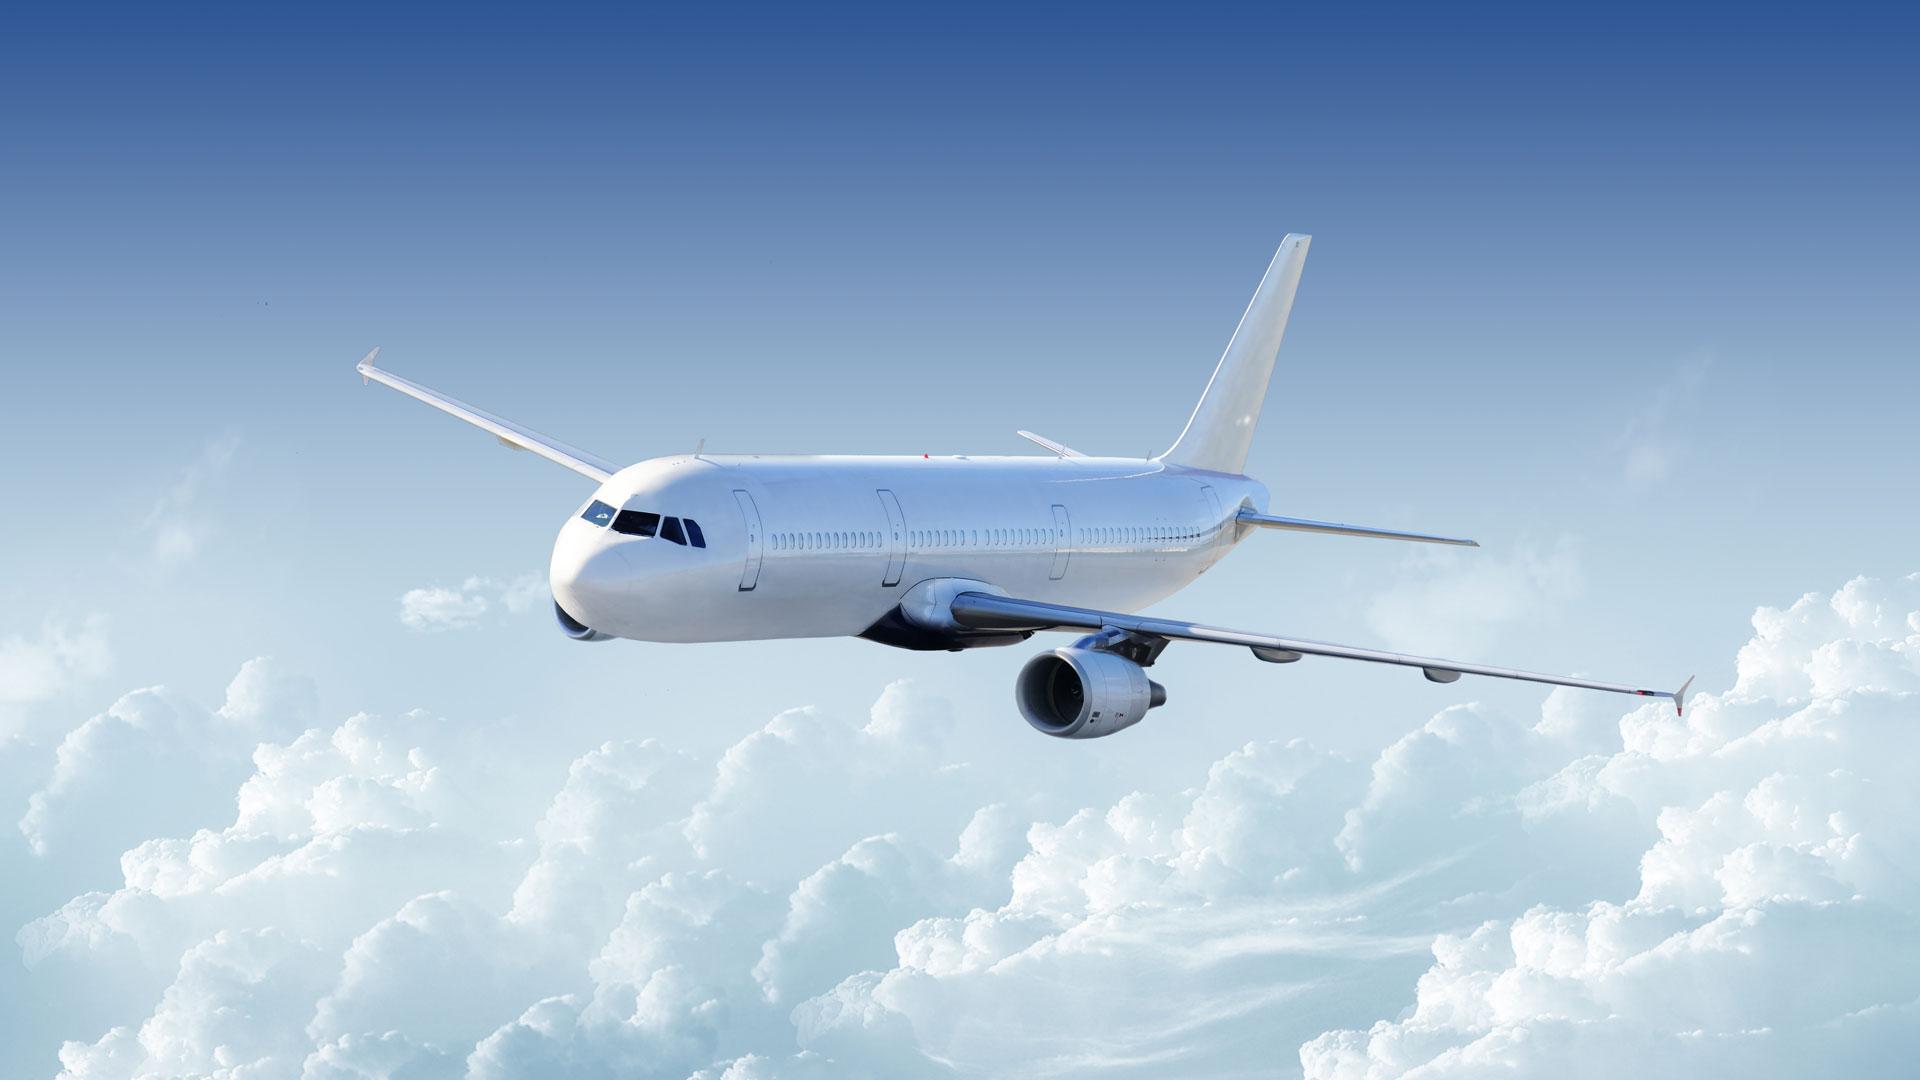 Derribaron el avión por su peso (Rep.)